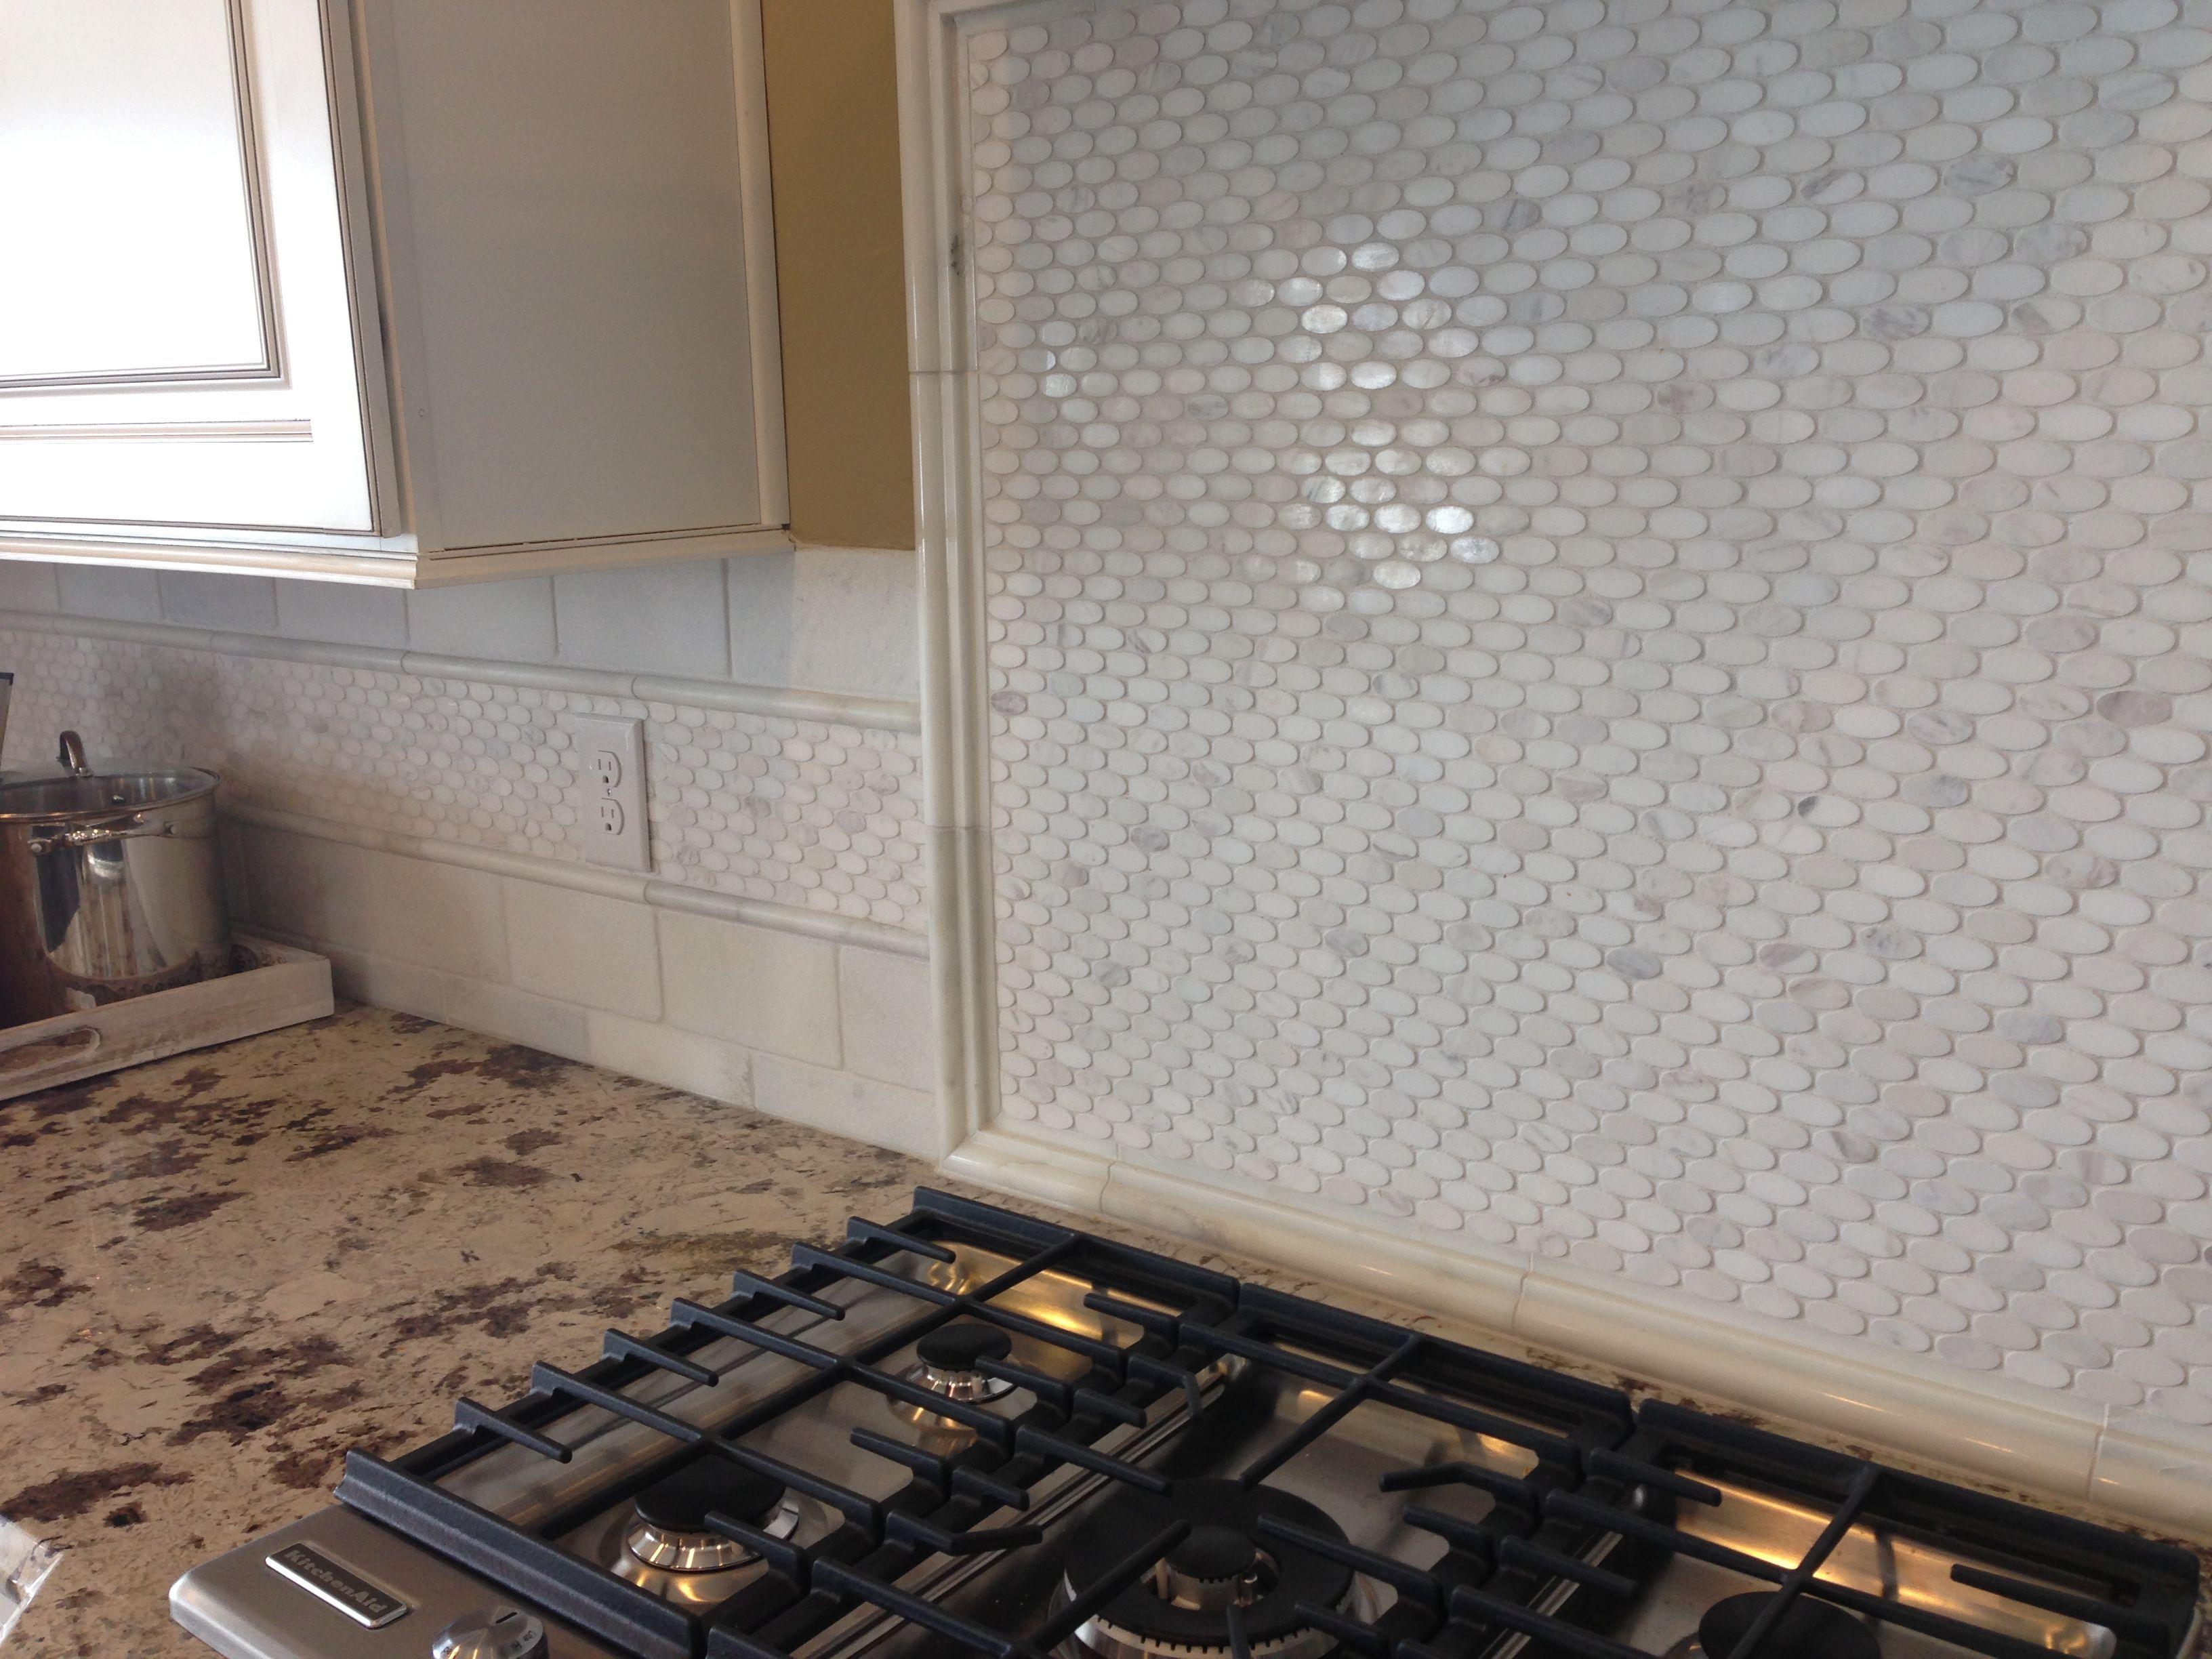 Backsplash Tile Patterns For Easy Cleaning Countertops Idea Modern Kitchen Backsplash De Modern Kitchen Backsplash Kitchen Tiles Backsplash Kitchen Backsplash